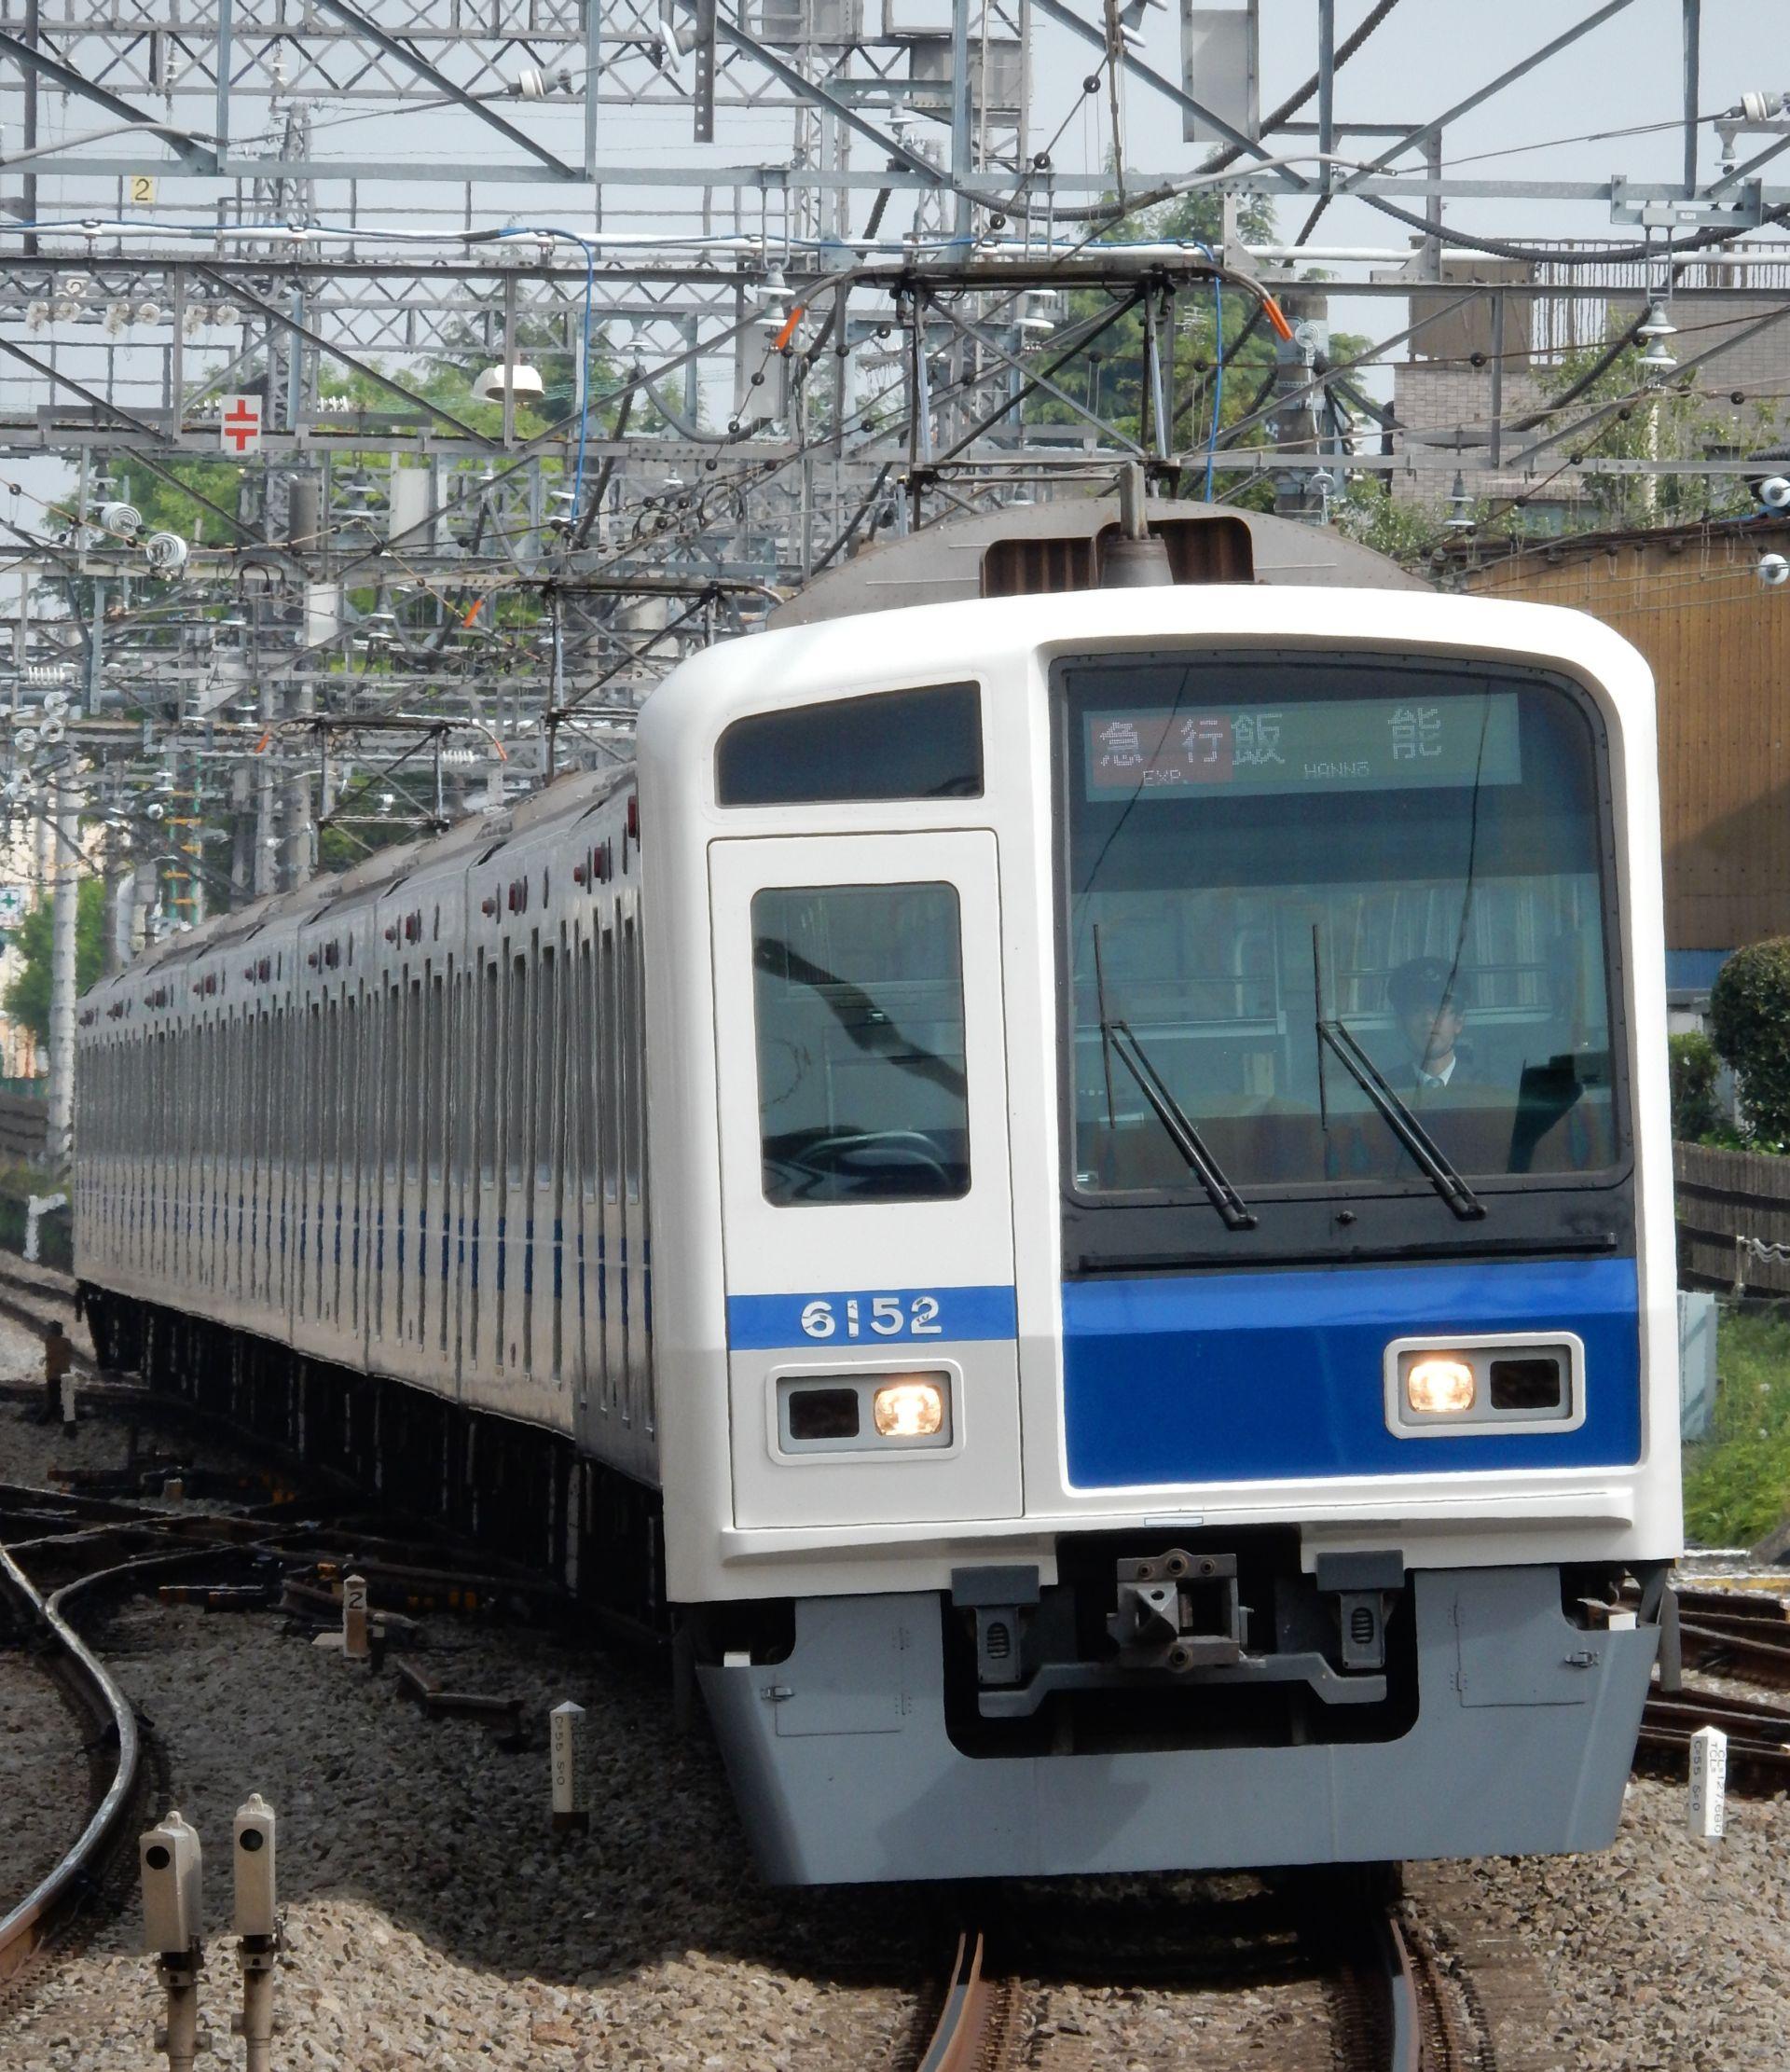 DSCN8375 - コピー